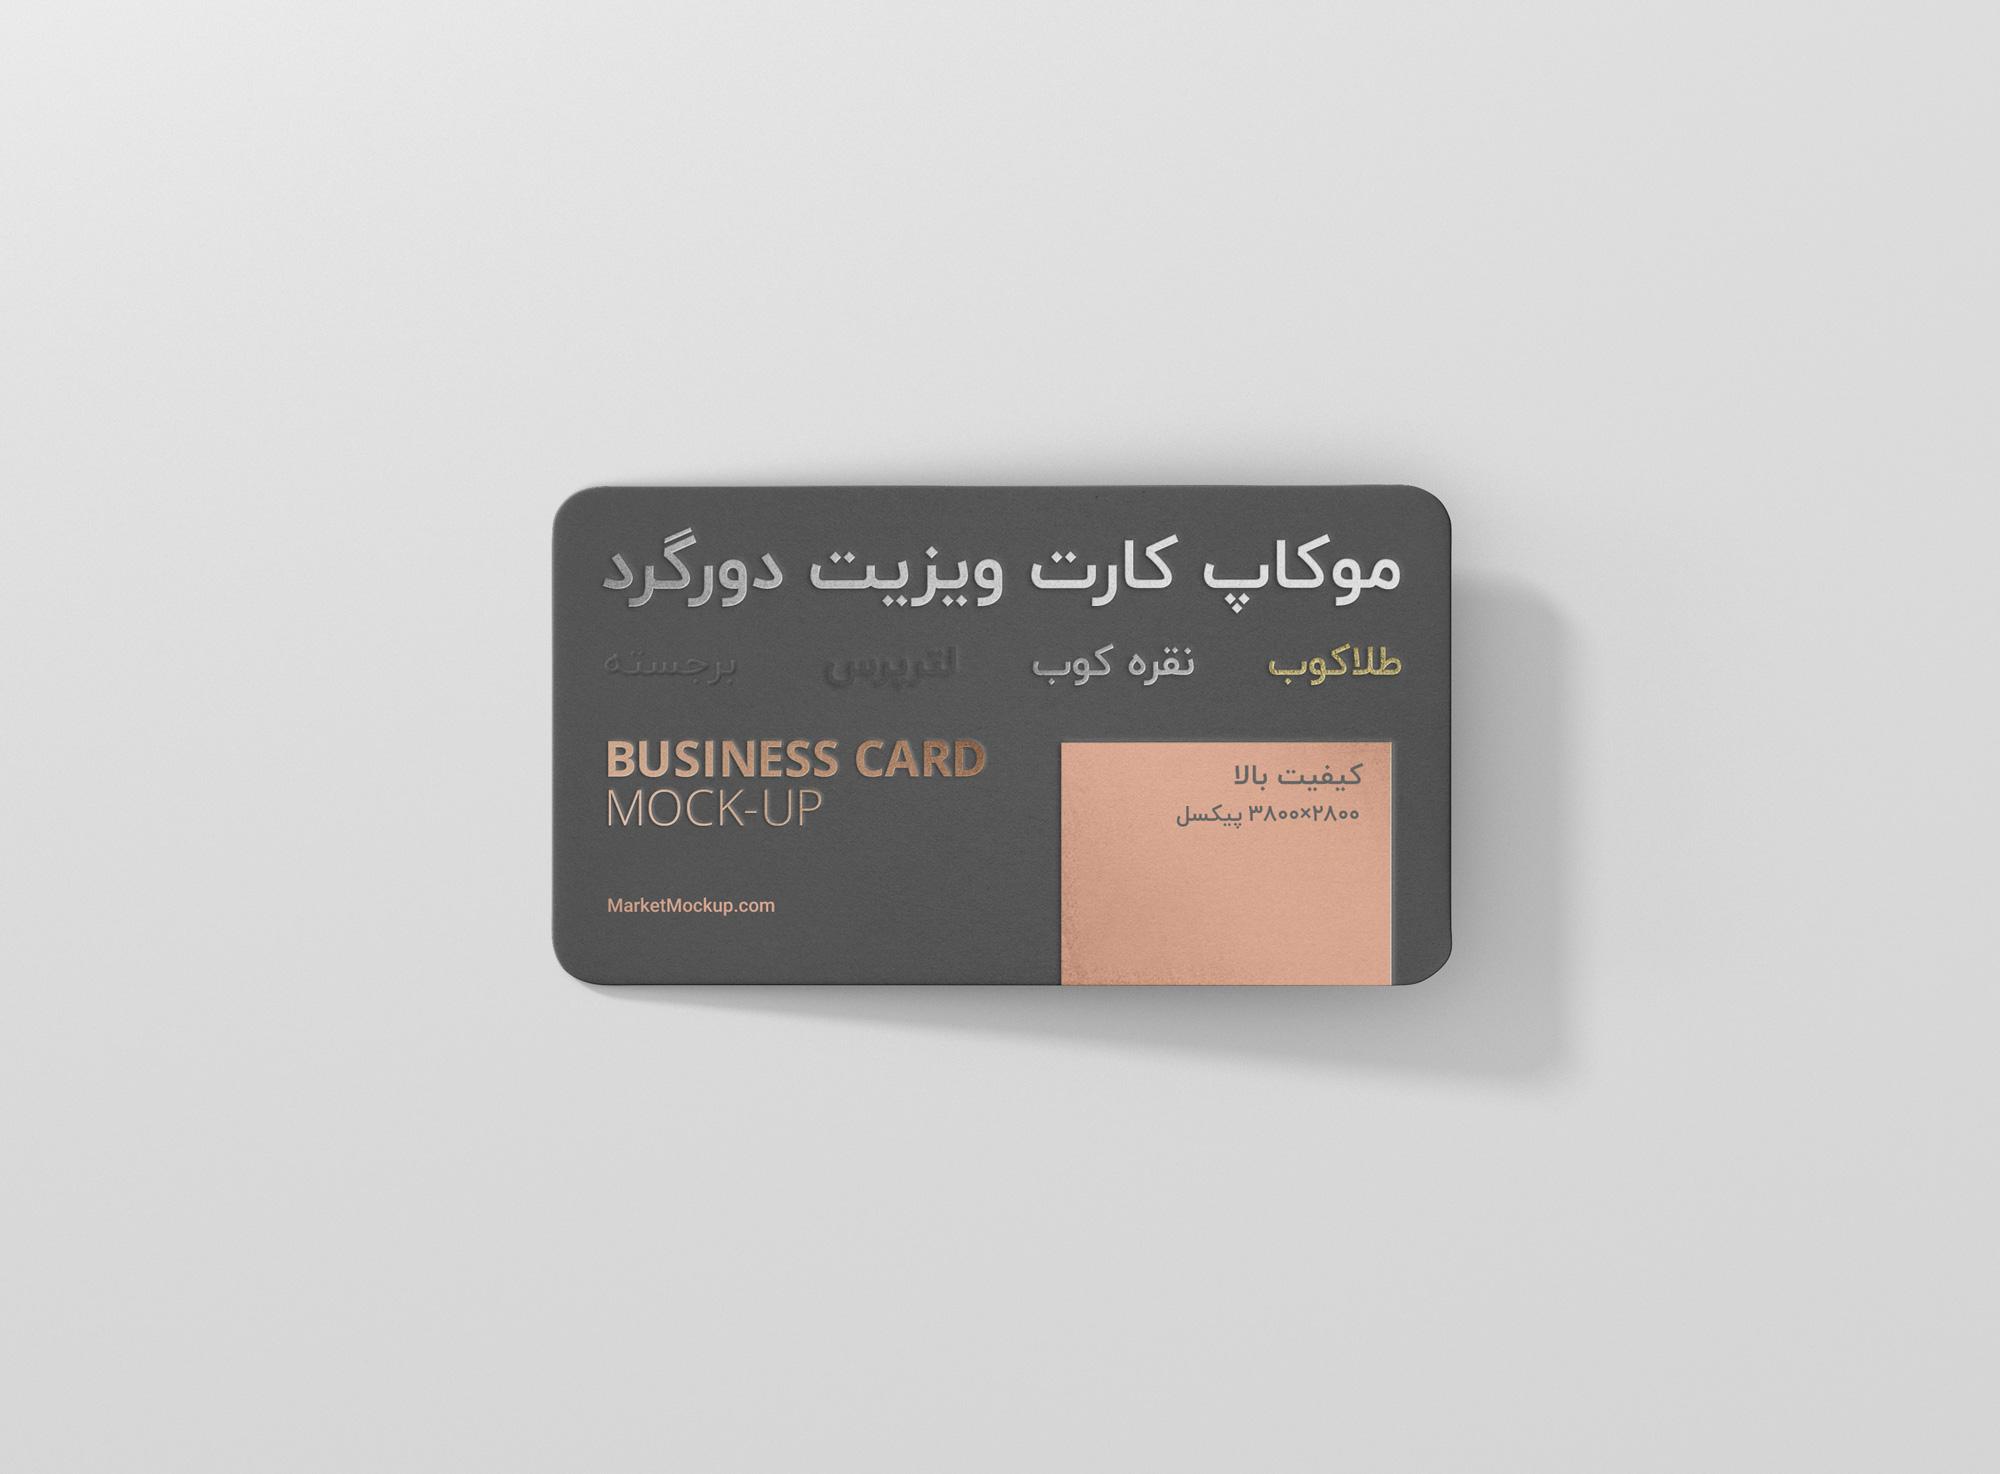 دانلود موکاپ کارت ویزیت دورگرد از بالا یکرو